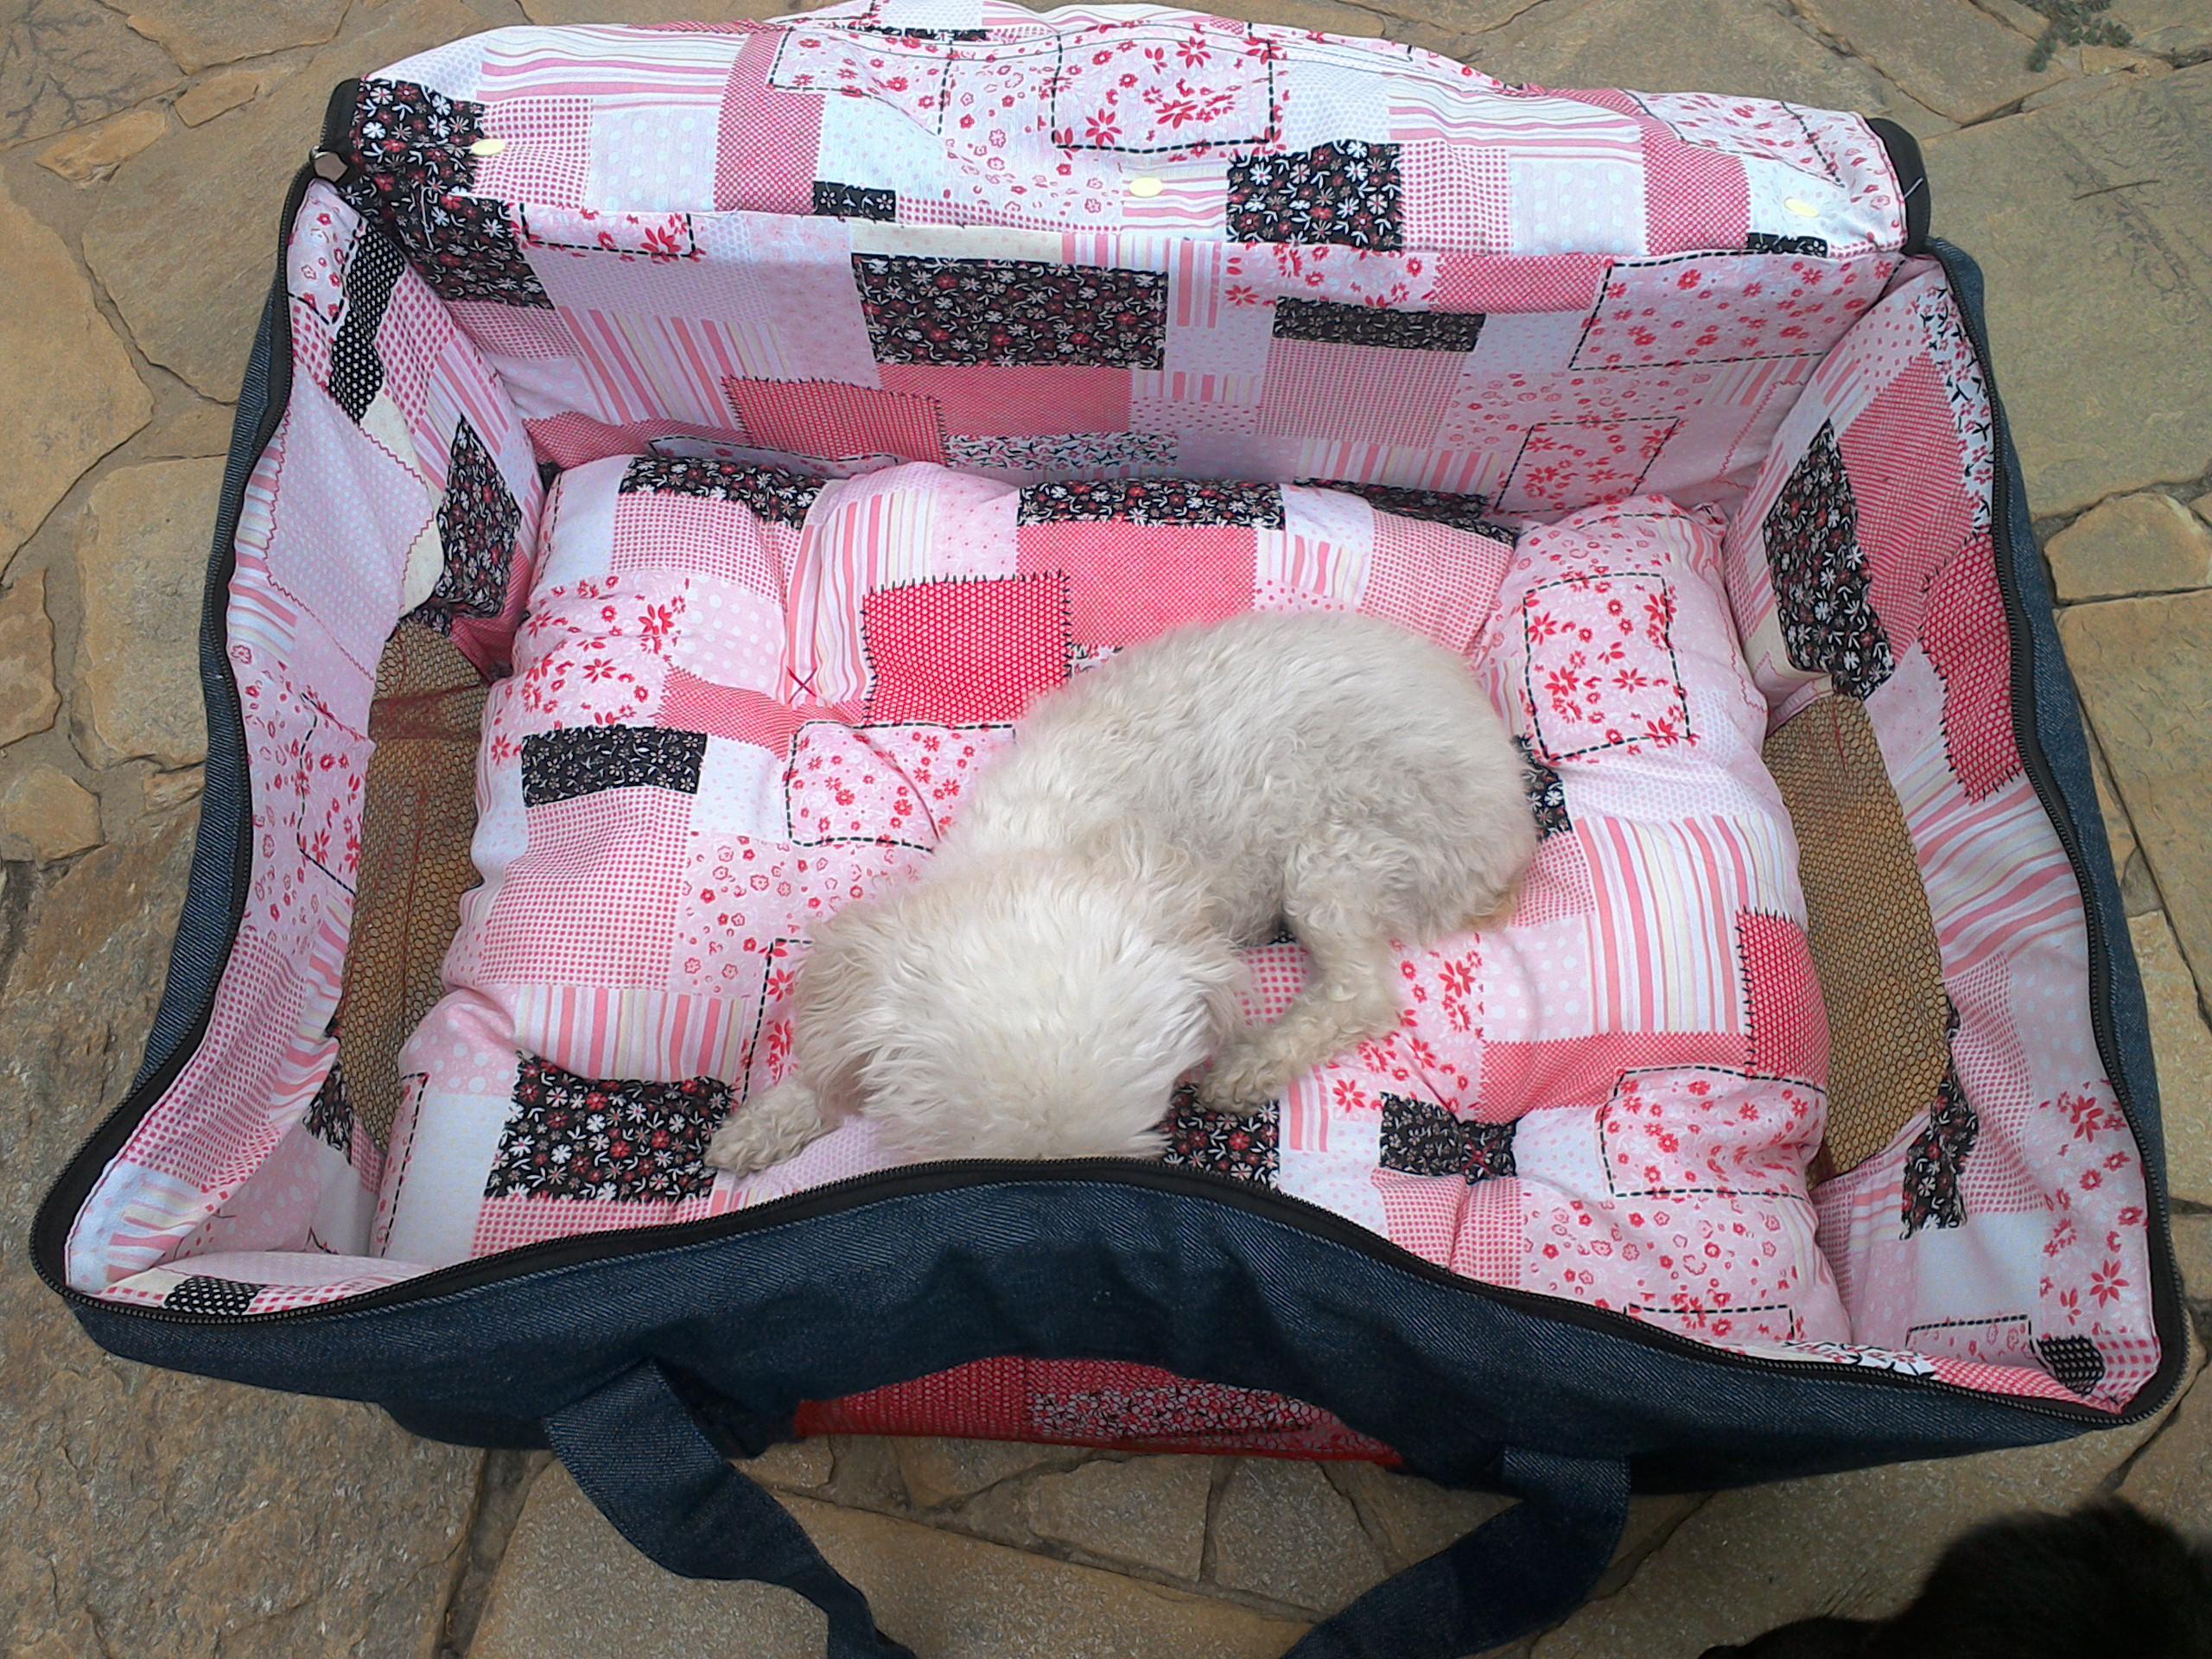 Bolsa Para Transporte De Cachorro Em Avião : Bolsa para carregar cachorro no aviao mochila